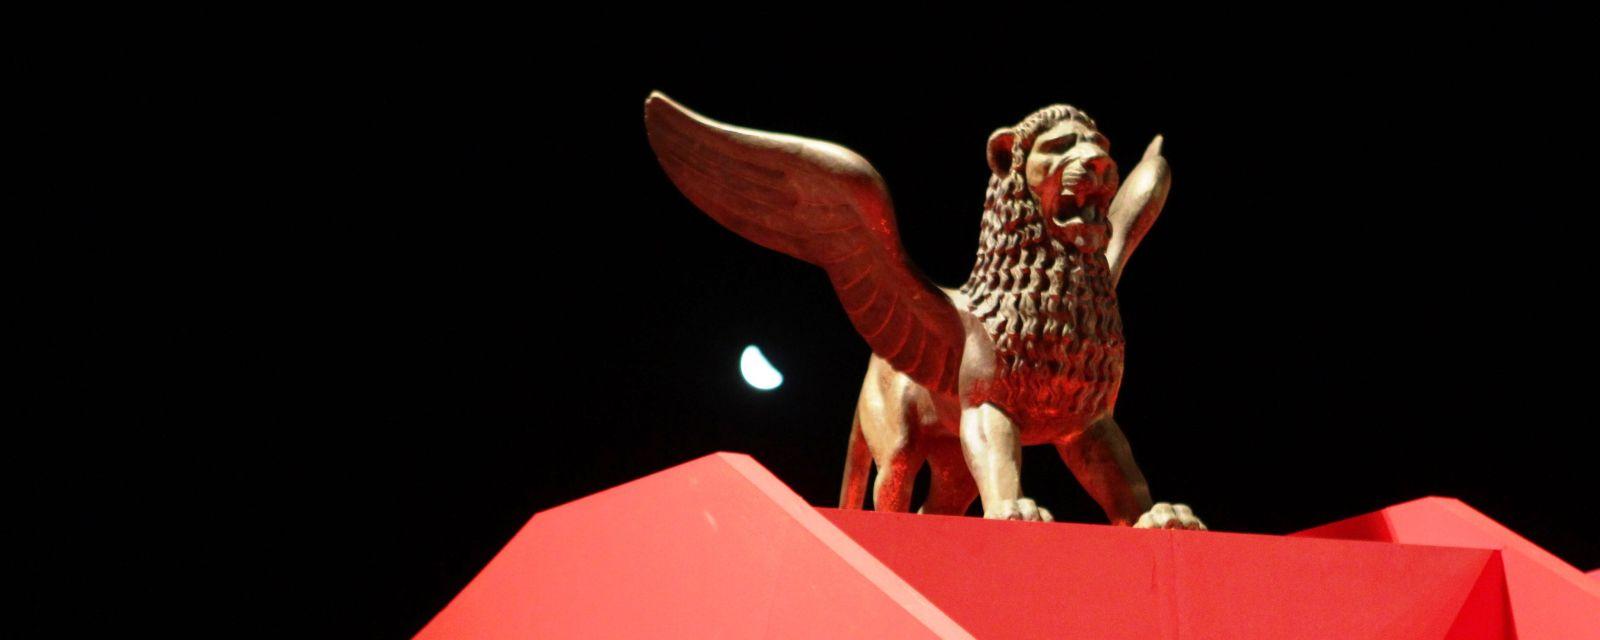 ALLESTIMENTI-2-Foto-ASAC-La-Biennale-di-Venezia-e1311930224178